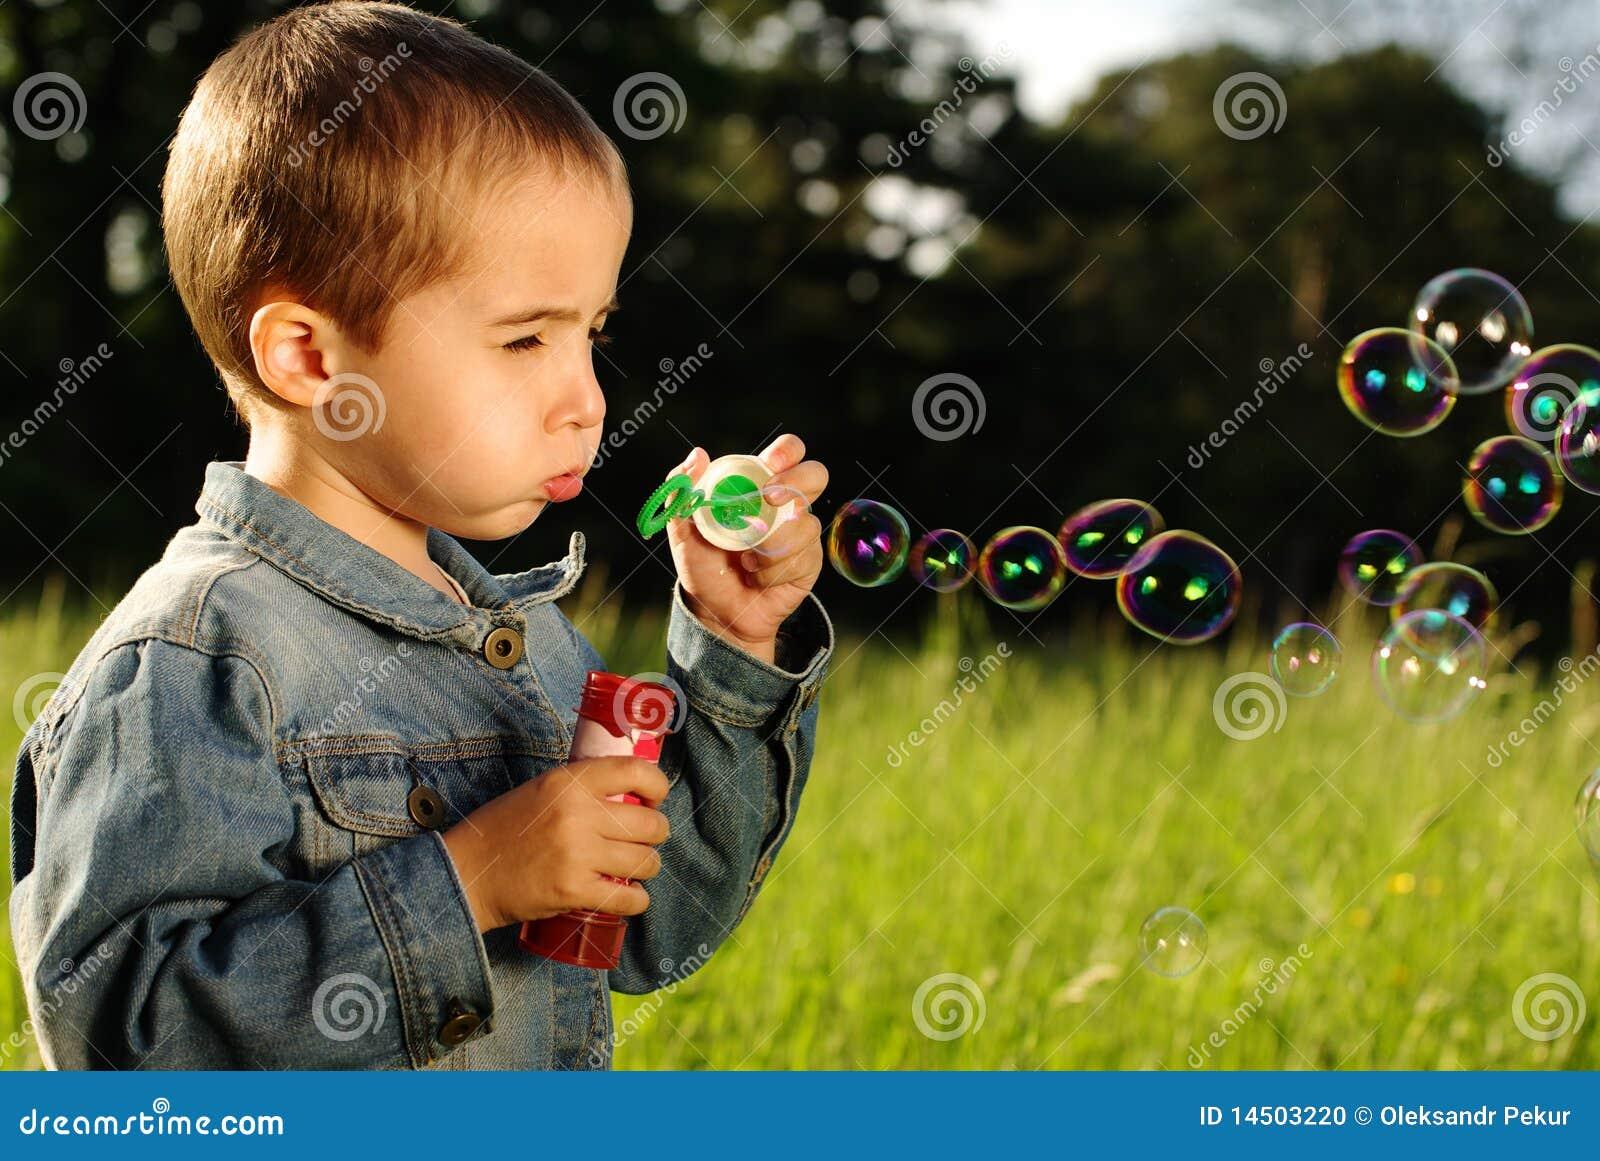 El ni o peque o hace burbujas foto de archivo imagen - Foto nino pequeno ...